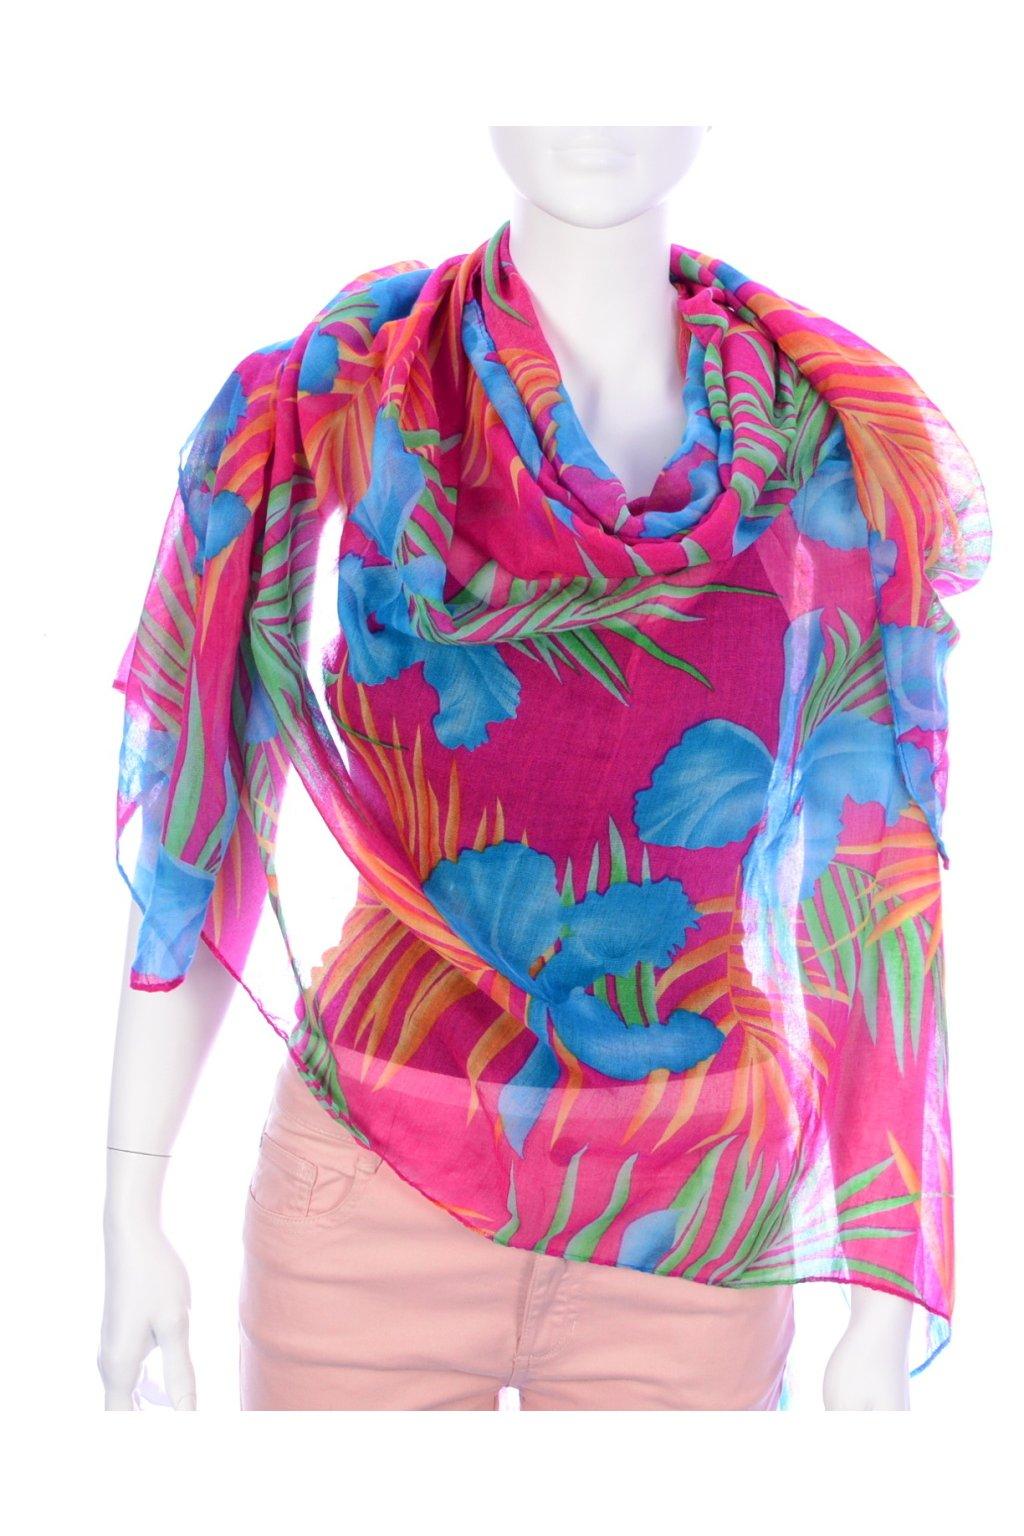 Šátek barevný velké květy na růžovém podkladu